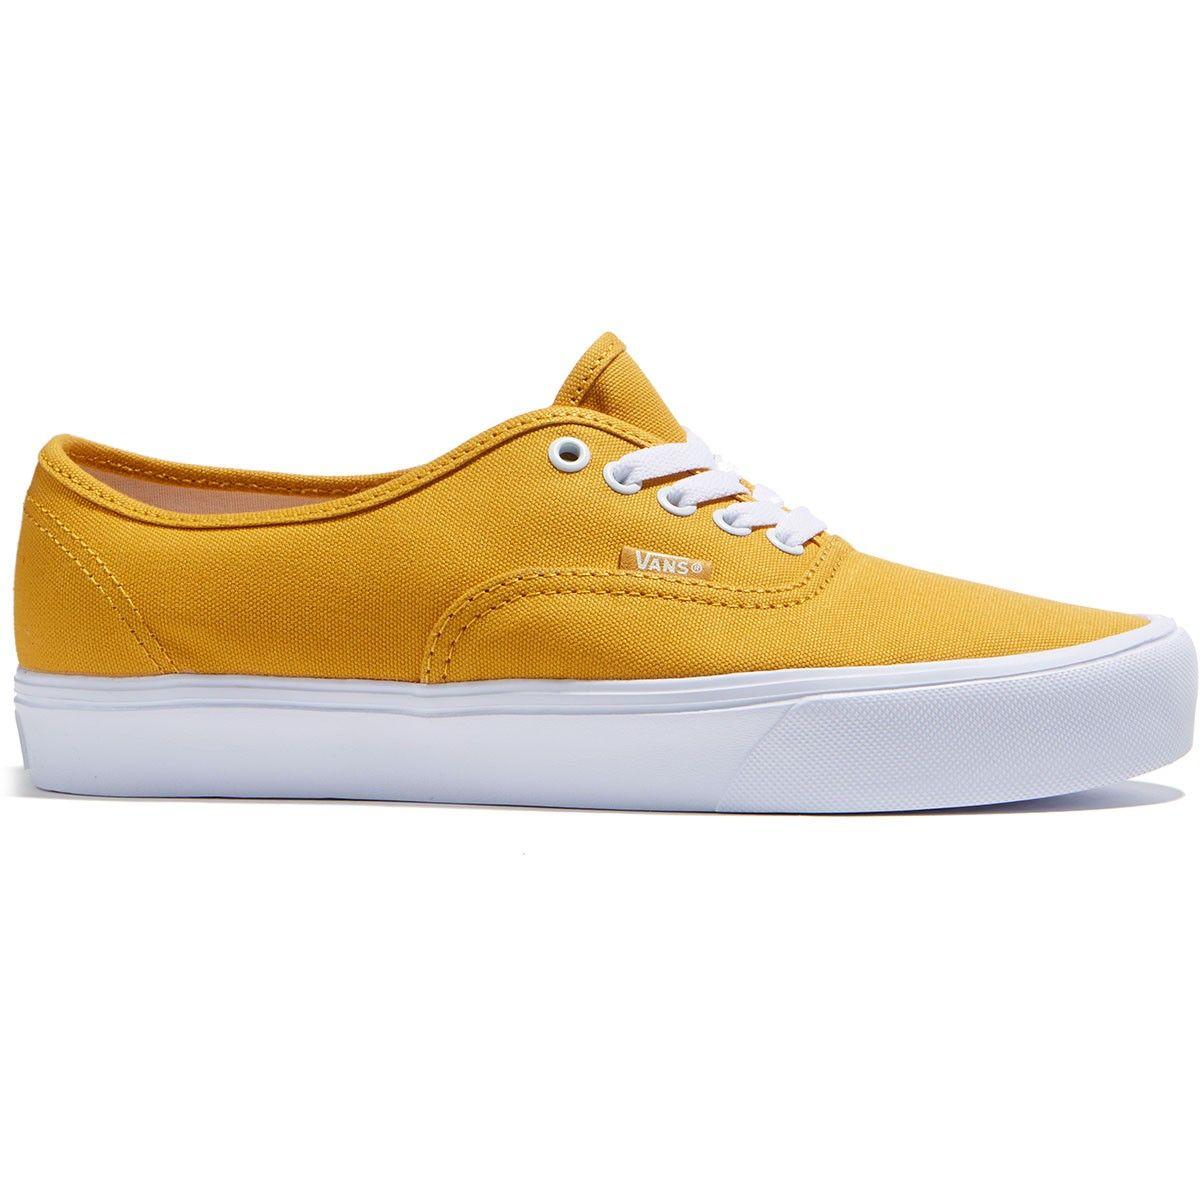 Vans Authentic Lite Shoes - Golden Yellow True White - 8.0  ebc06eb83